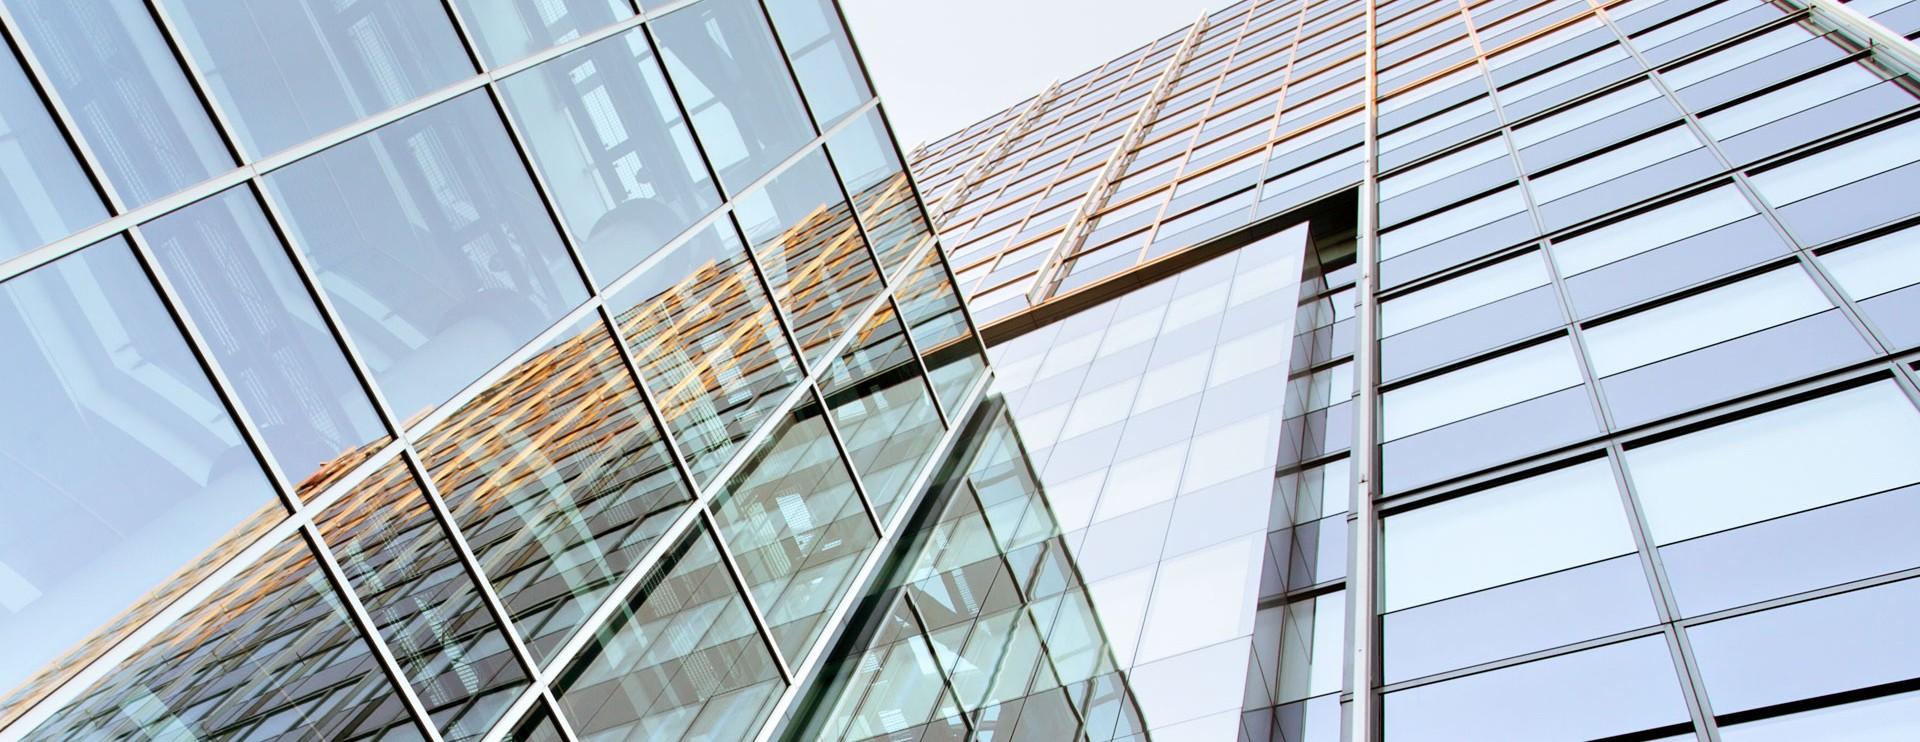 仰视玻璃大楼外景